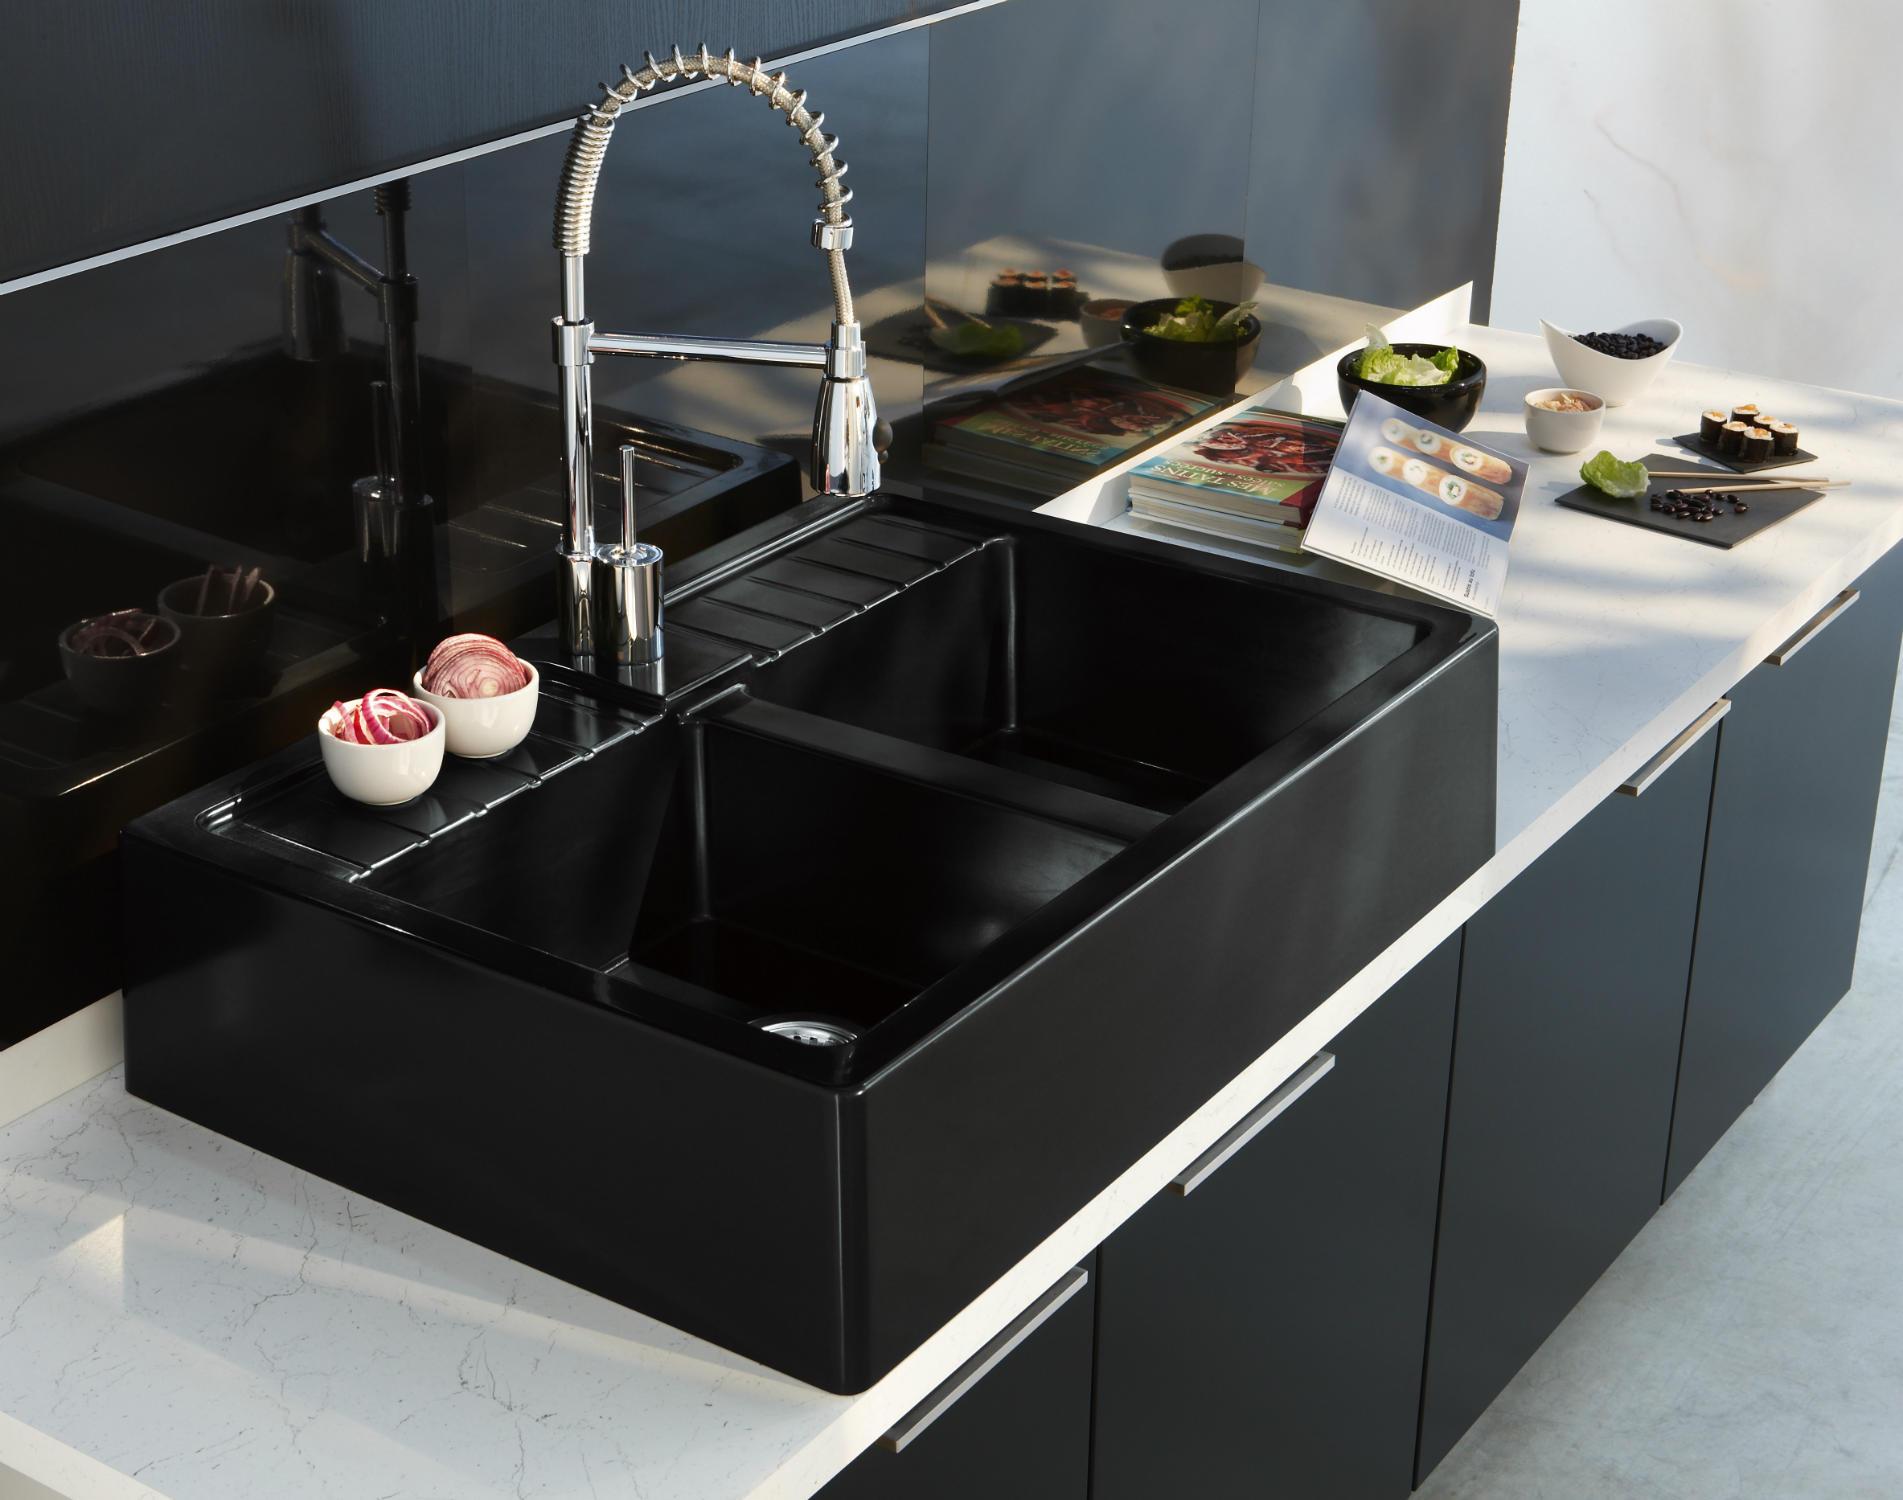 Carea sanitaire oscar carea sanitaire for Deboucher un evier de cuisine